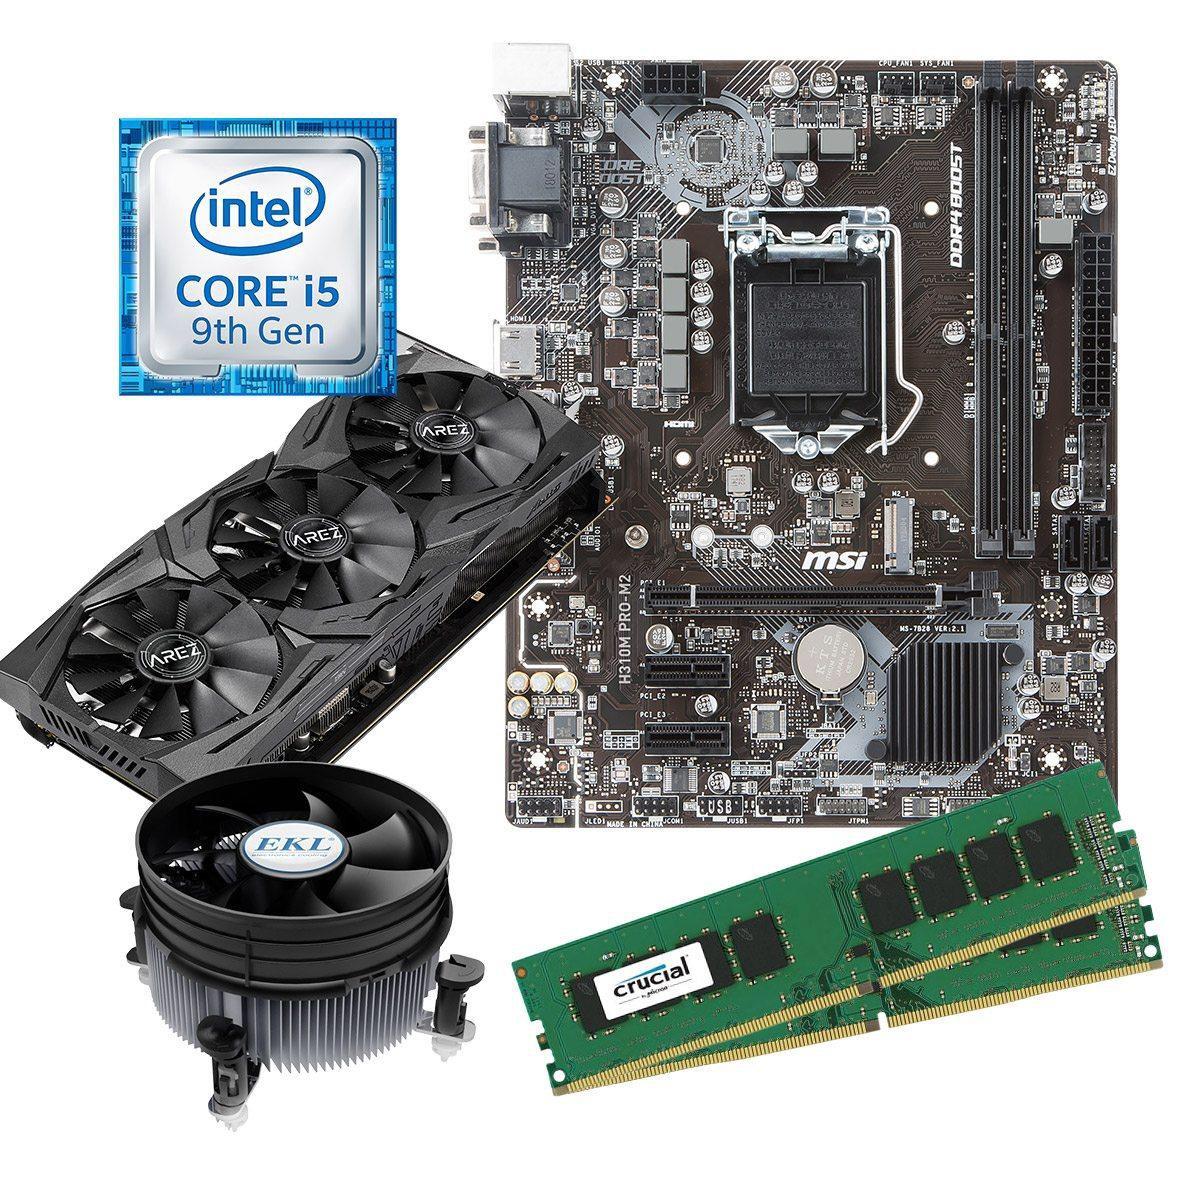 Aufrüstkit: Intel i5-9400F, 8GB Crucial RAM DDR4, Asus Strix 8GB Vega 56 + MSI H310 PRO-M2